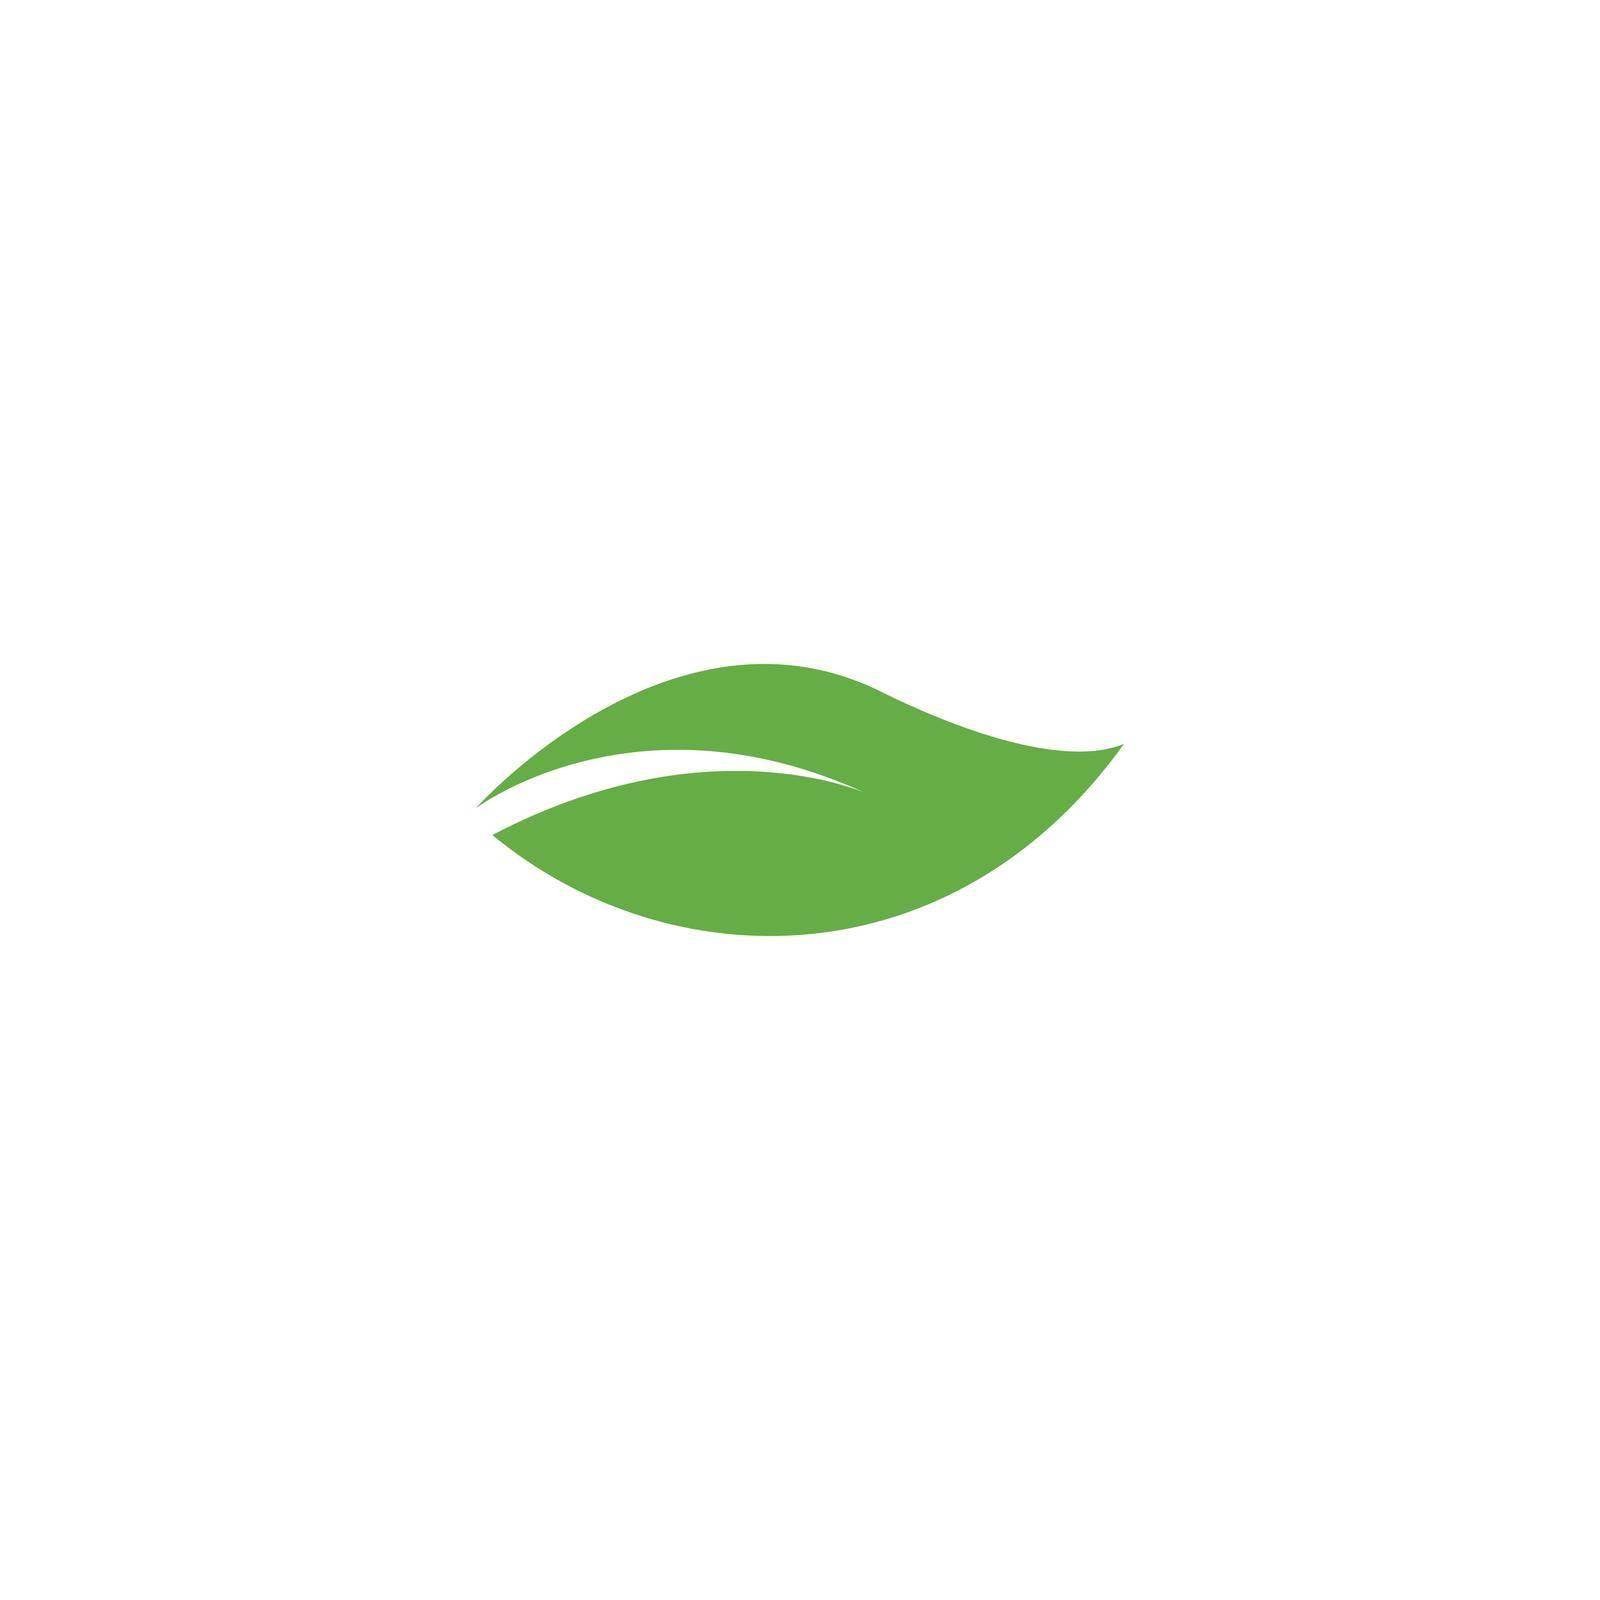 Green leaf illustration nature logo design